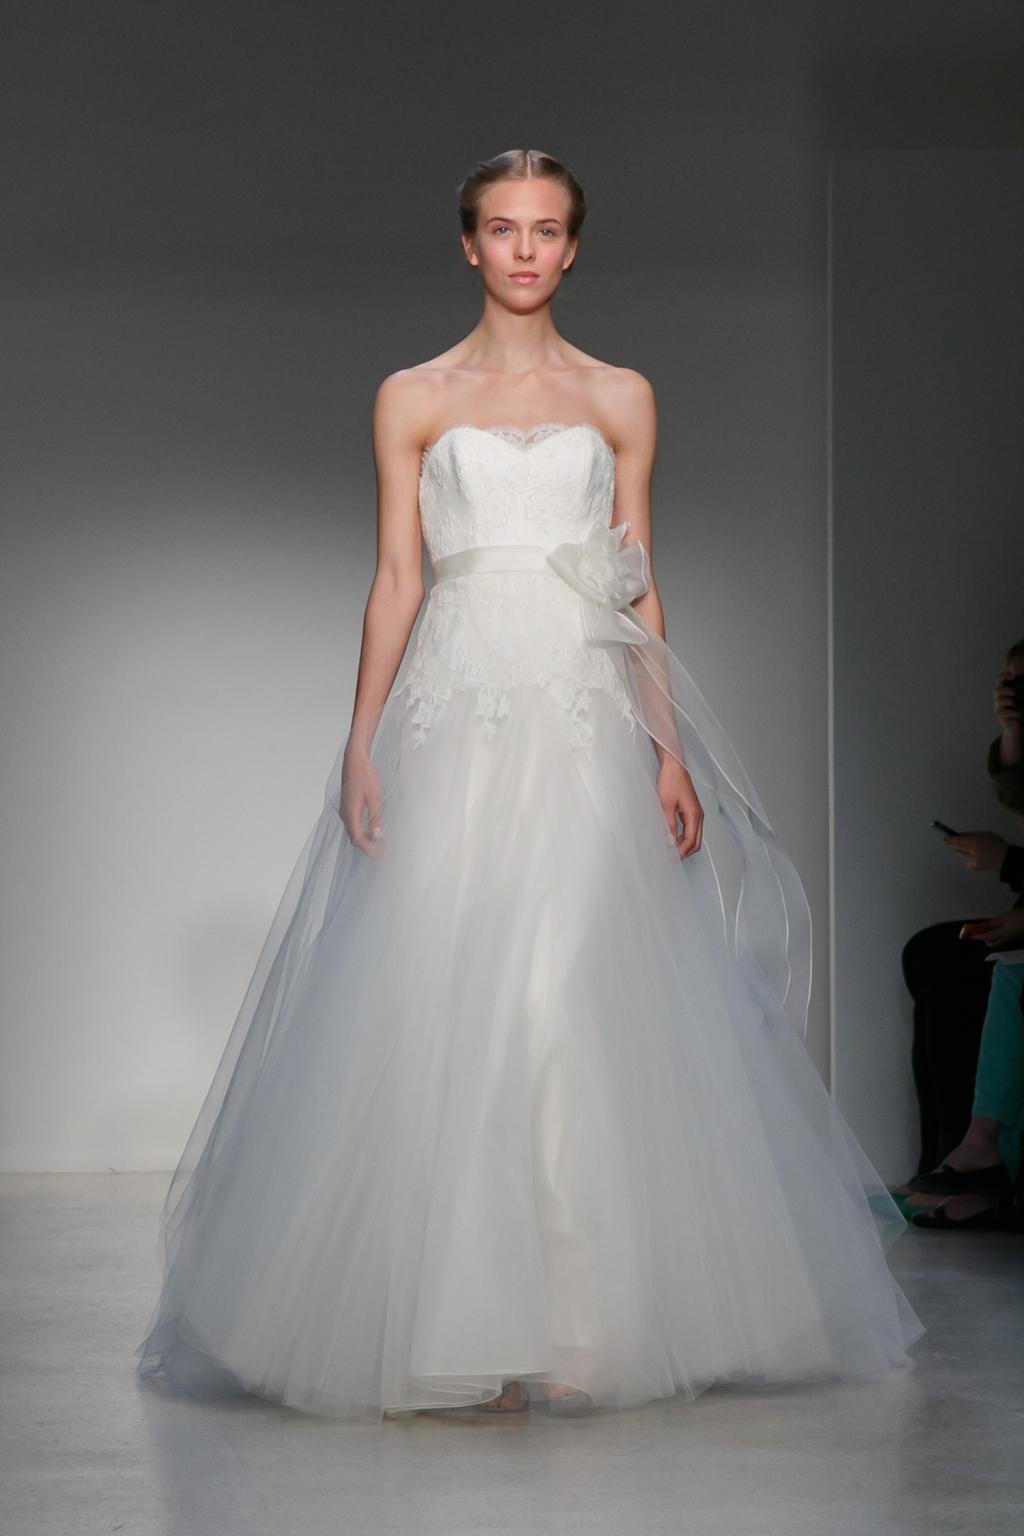 Fall-2013-wedding-dress-by-christos-amsale-bridal-5.full